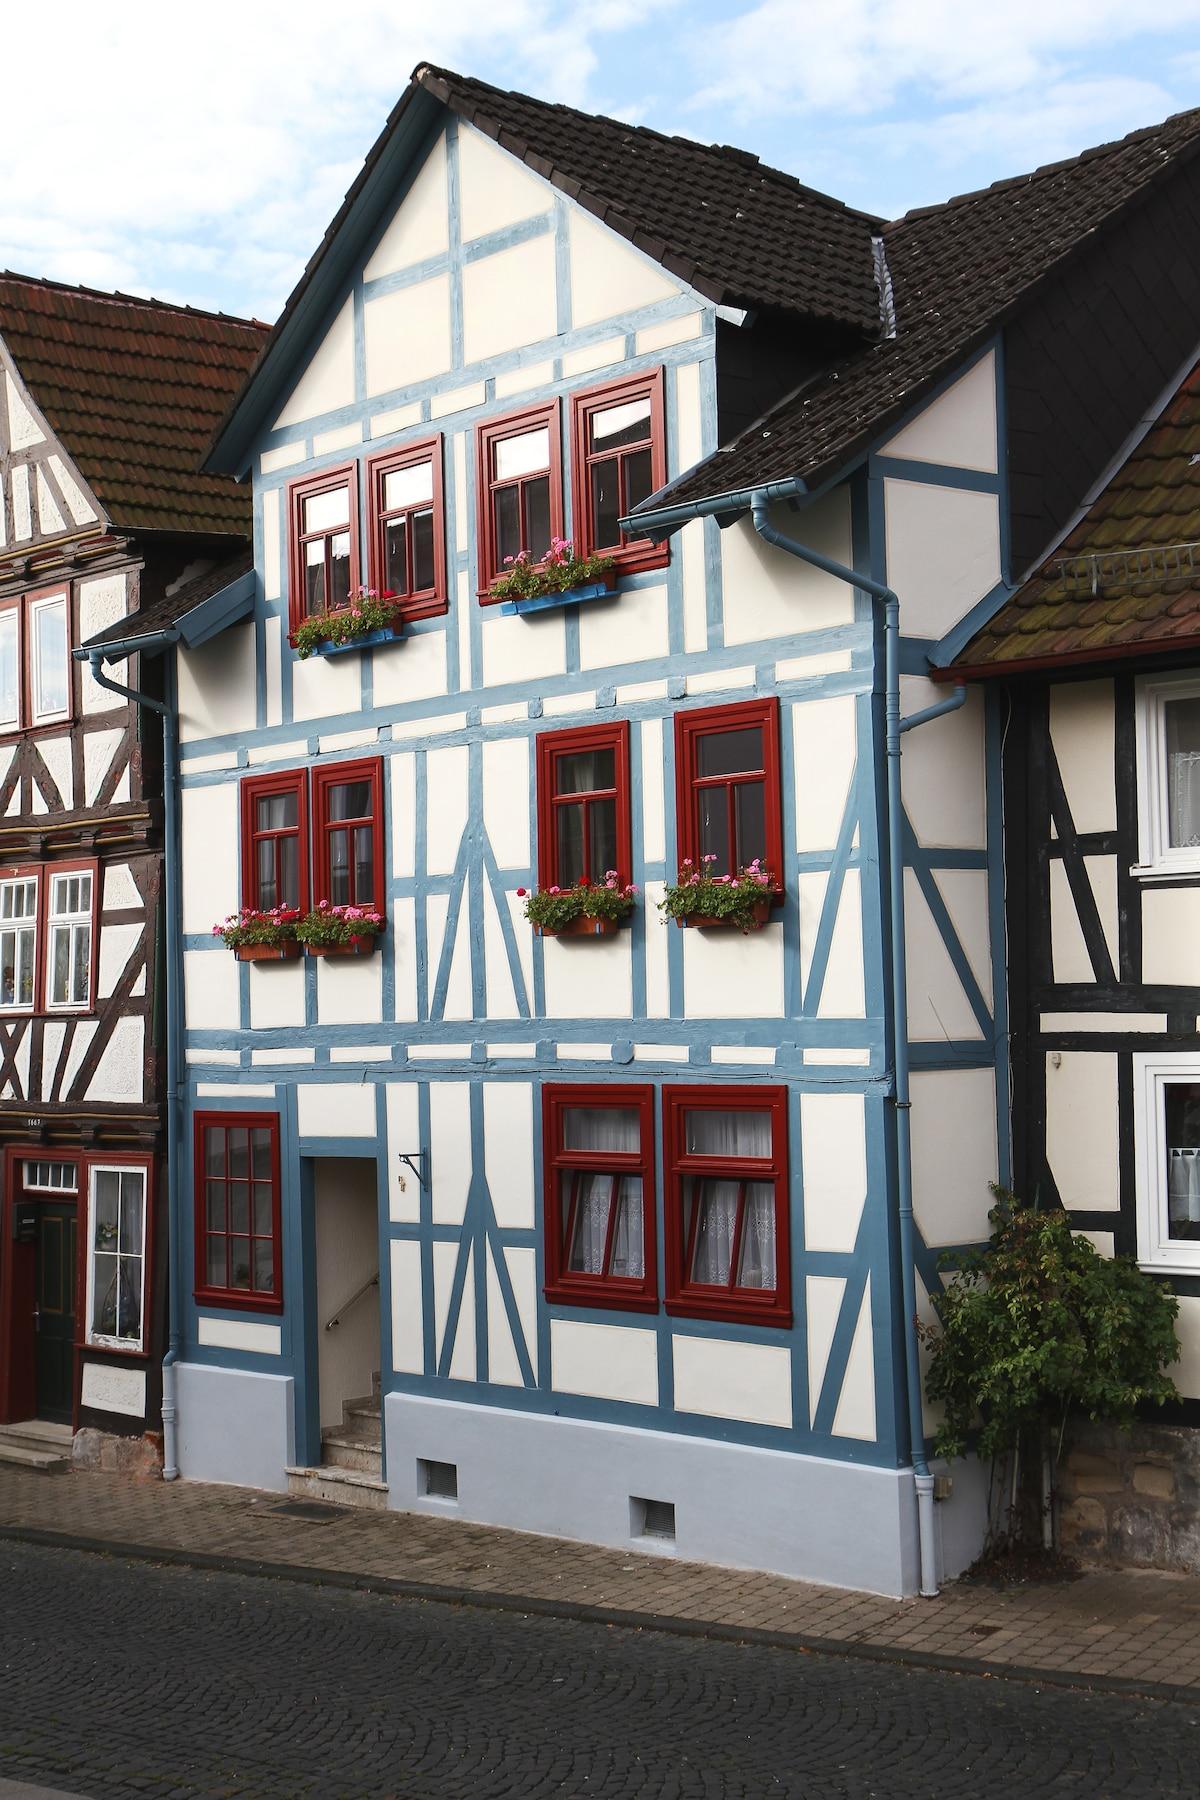 Gaestehaus in Bad Sooden-Allendorf